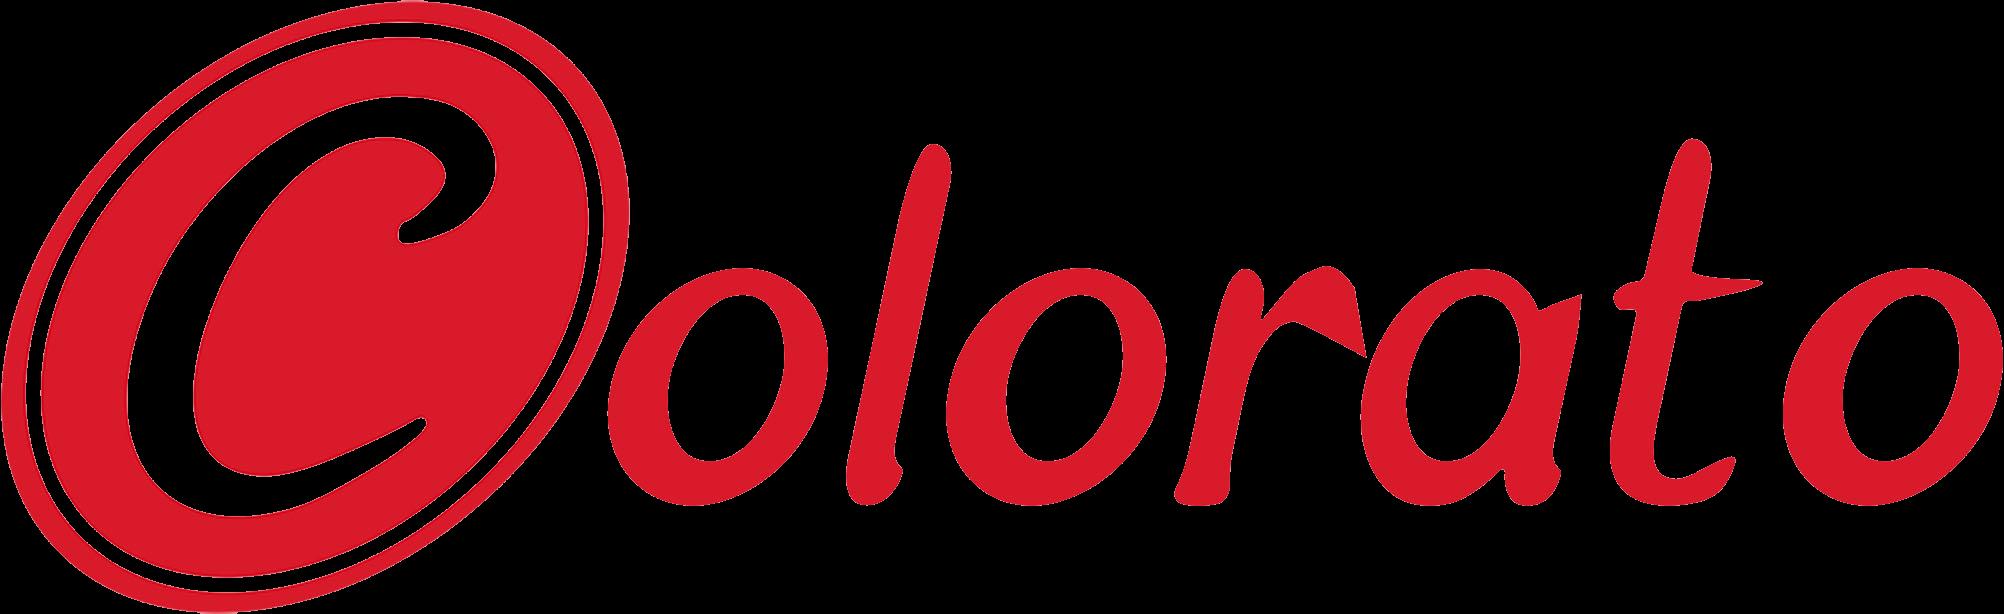 Coffee Colorato